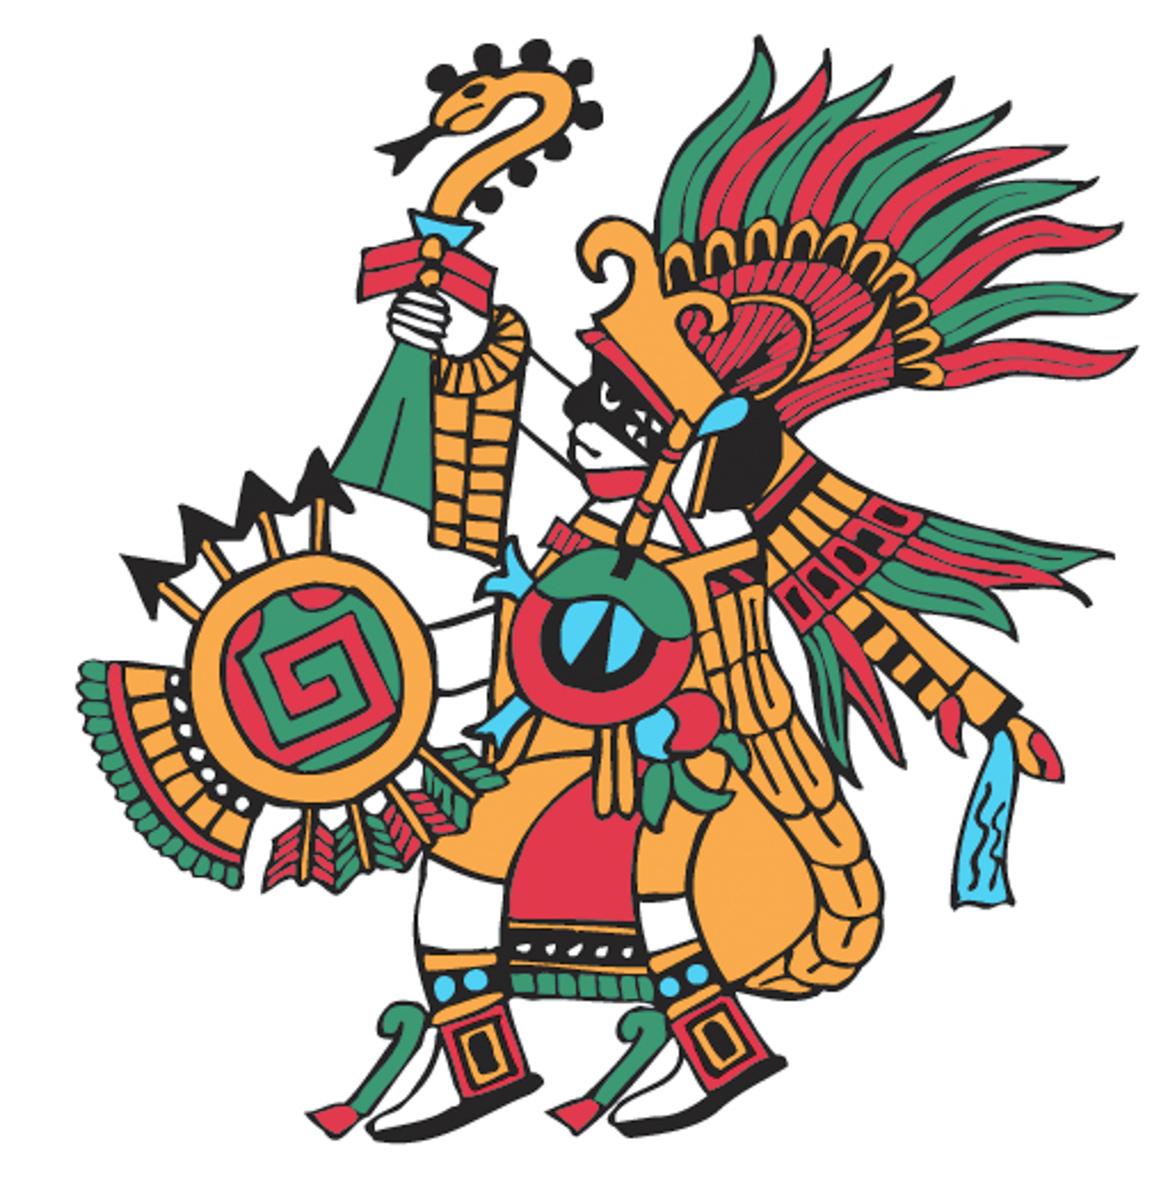 culturamexicana,familiamexicana,condohotelfamiliar